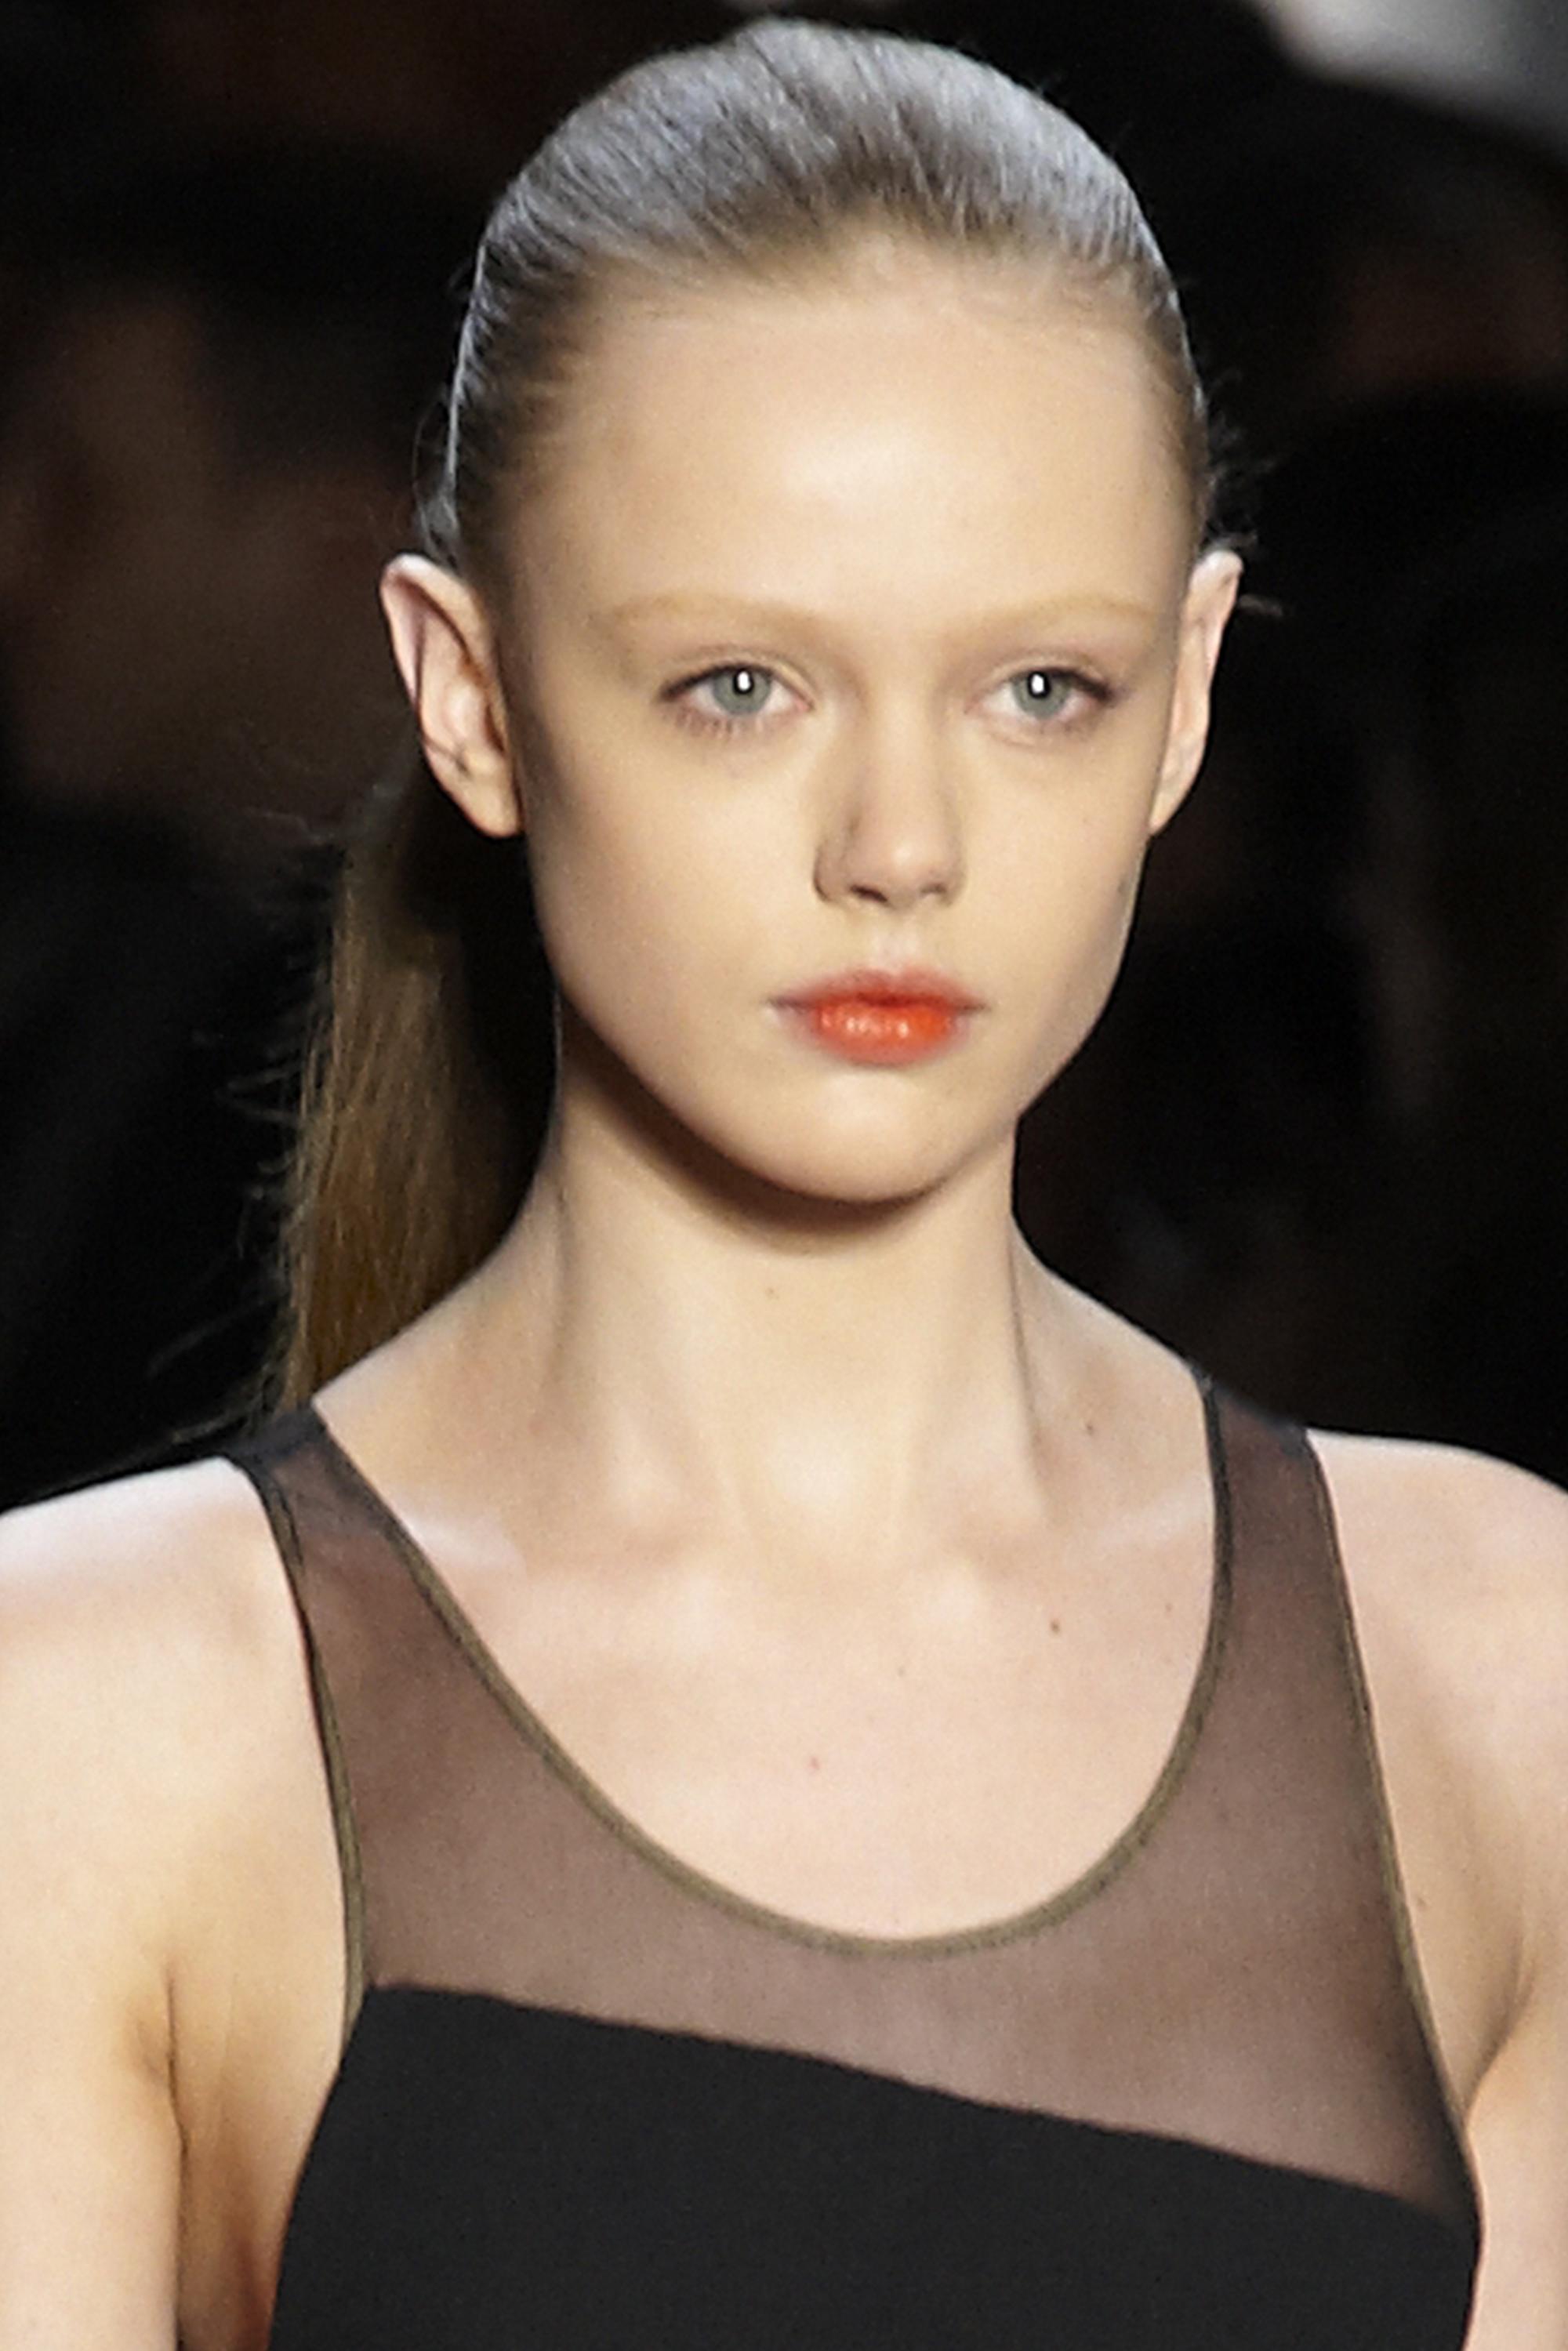 28-år gammel 178 cm høy Frida Gustavsson i 2021